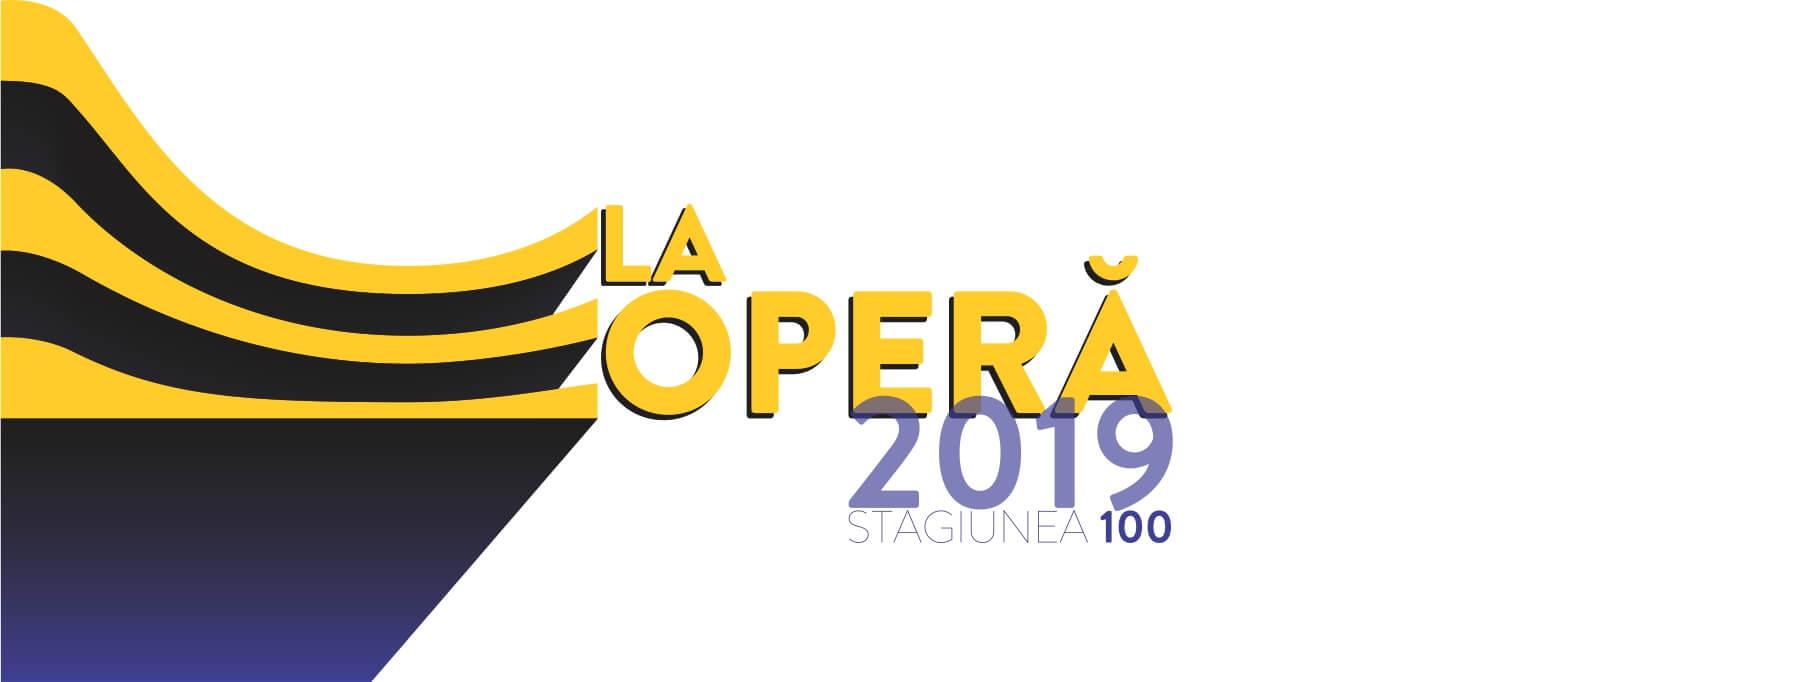 Sâmbătă, 31 august, ne revedem LA OPERĂ! Sărbătorim împreună un centenar liric prin Concertul de prezentare a Stagiunii 100!